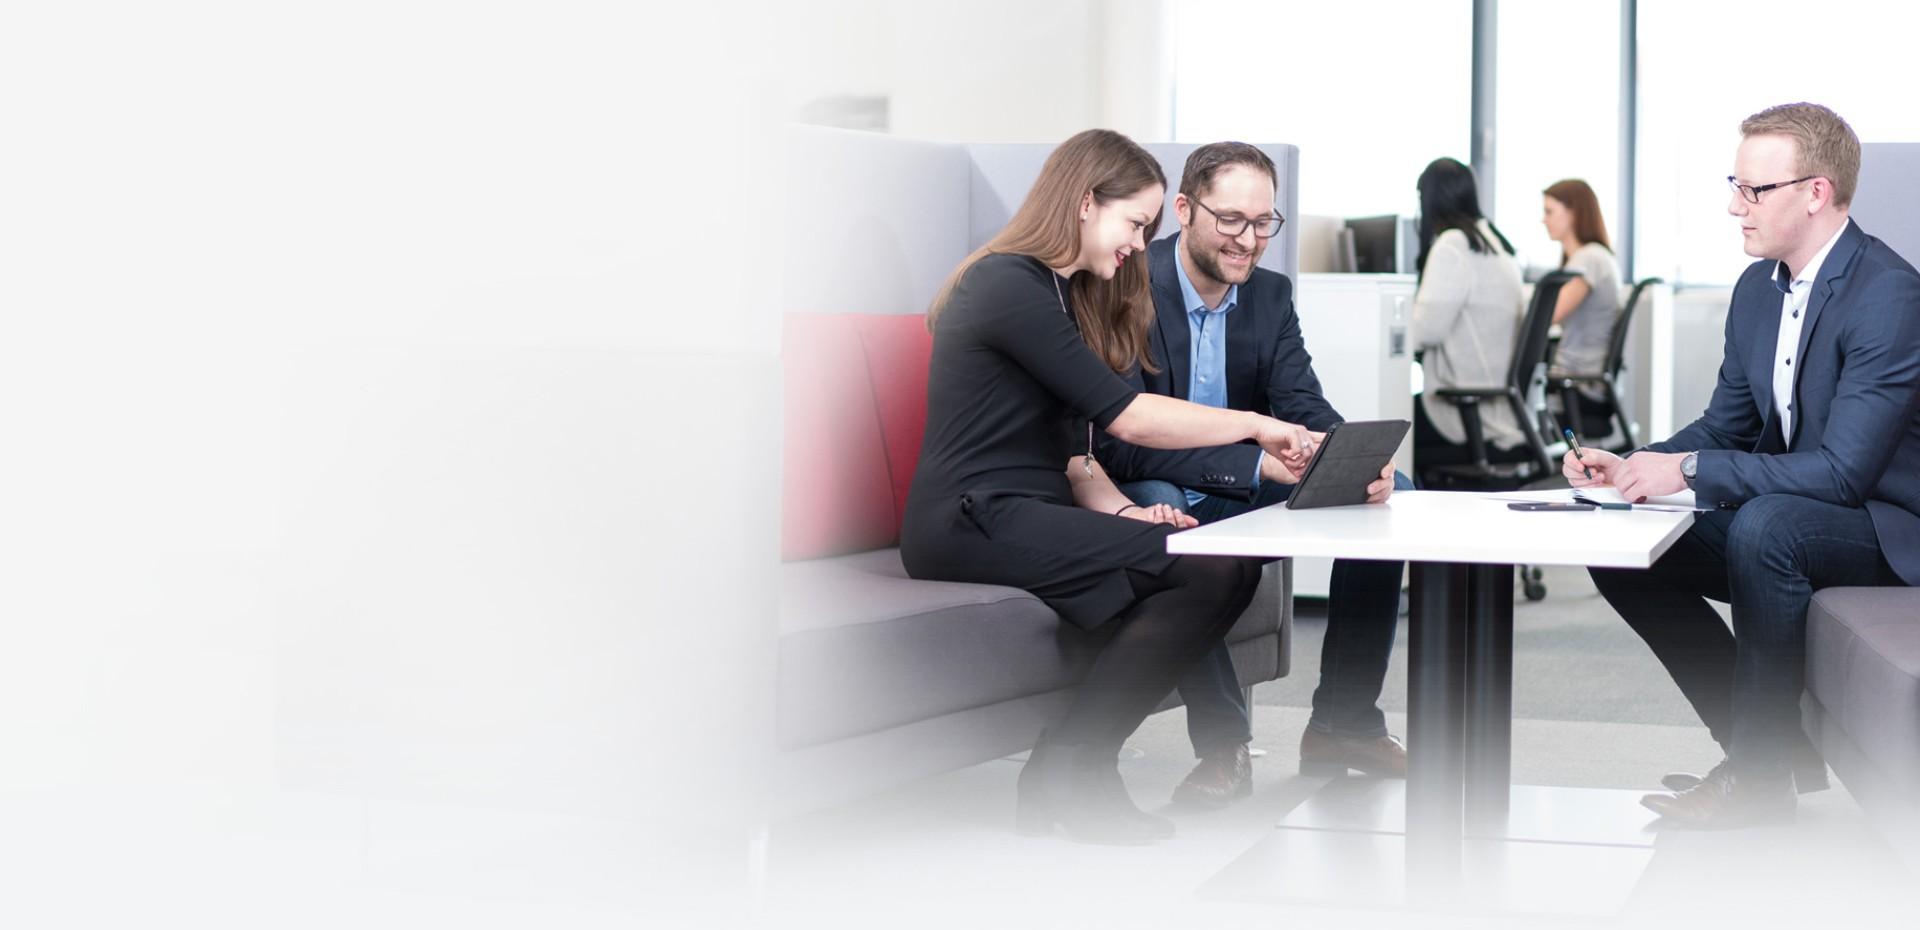 Brose IT Karriere, Fortschrittliche Arbeitswelt: mehr Effizienz